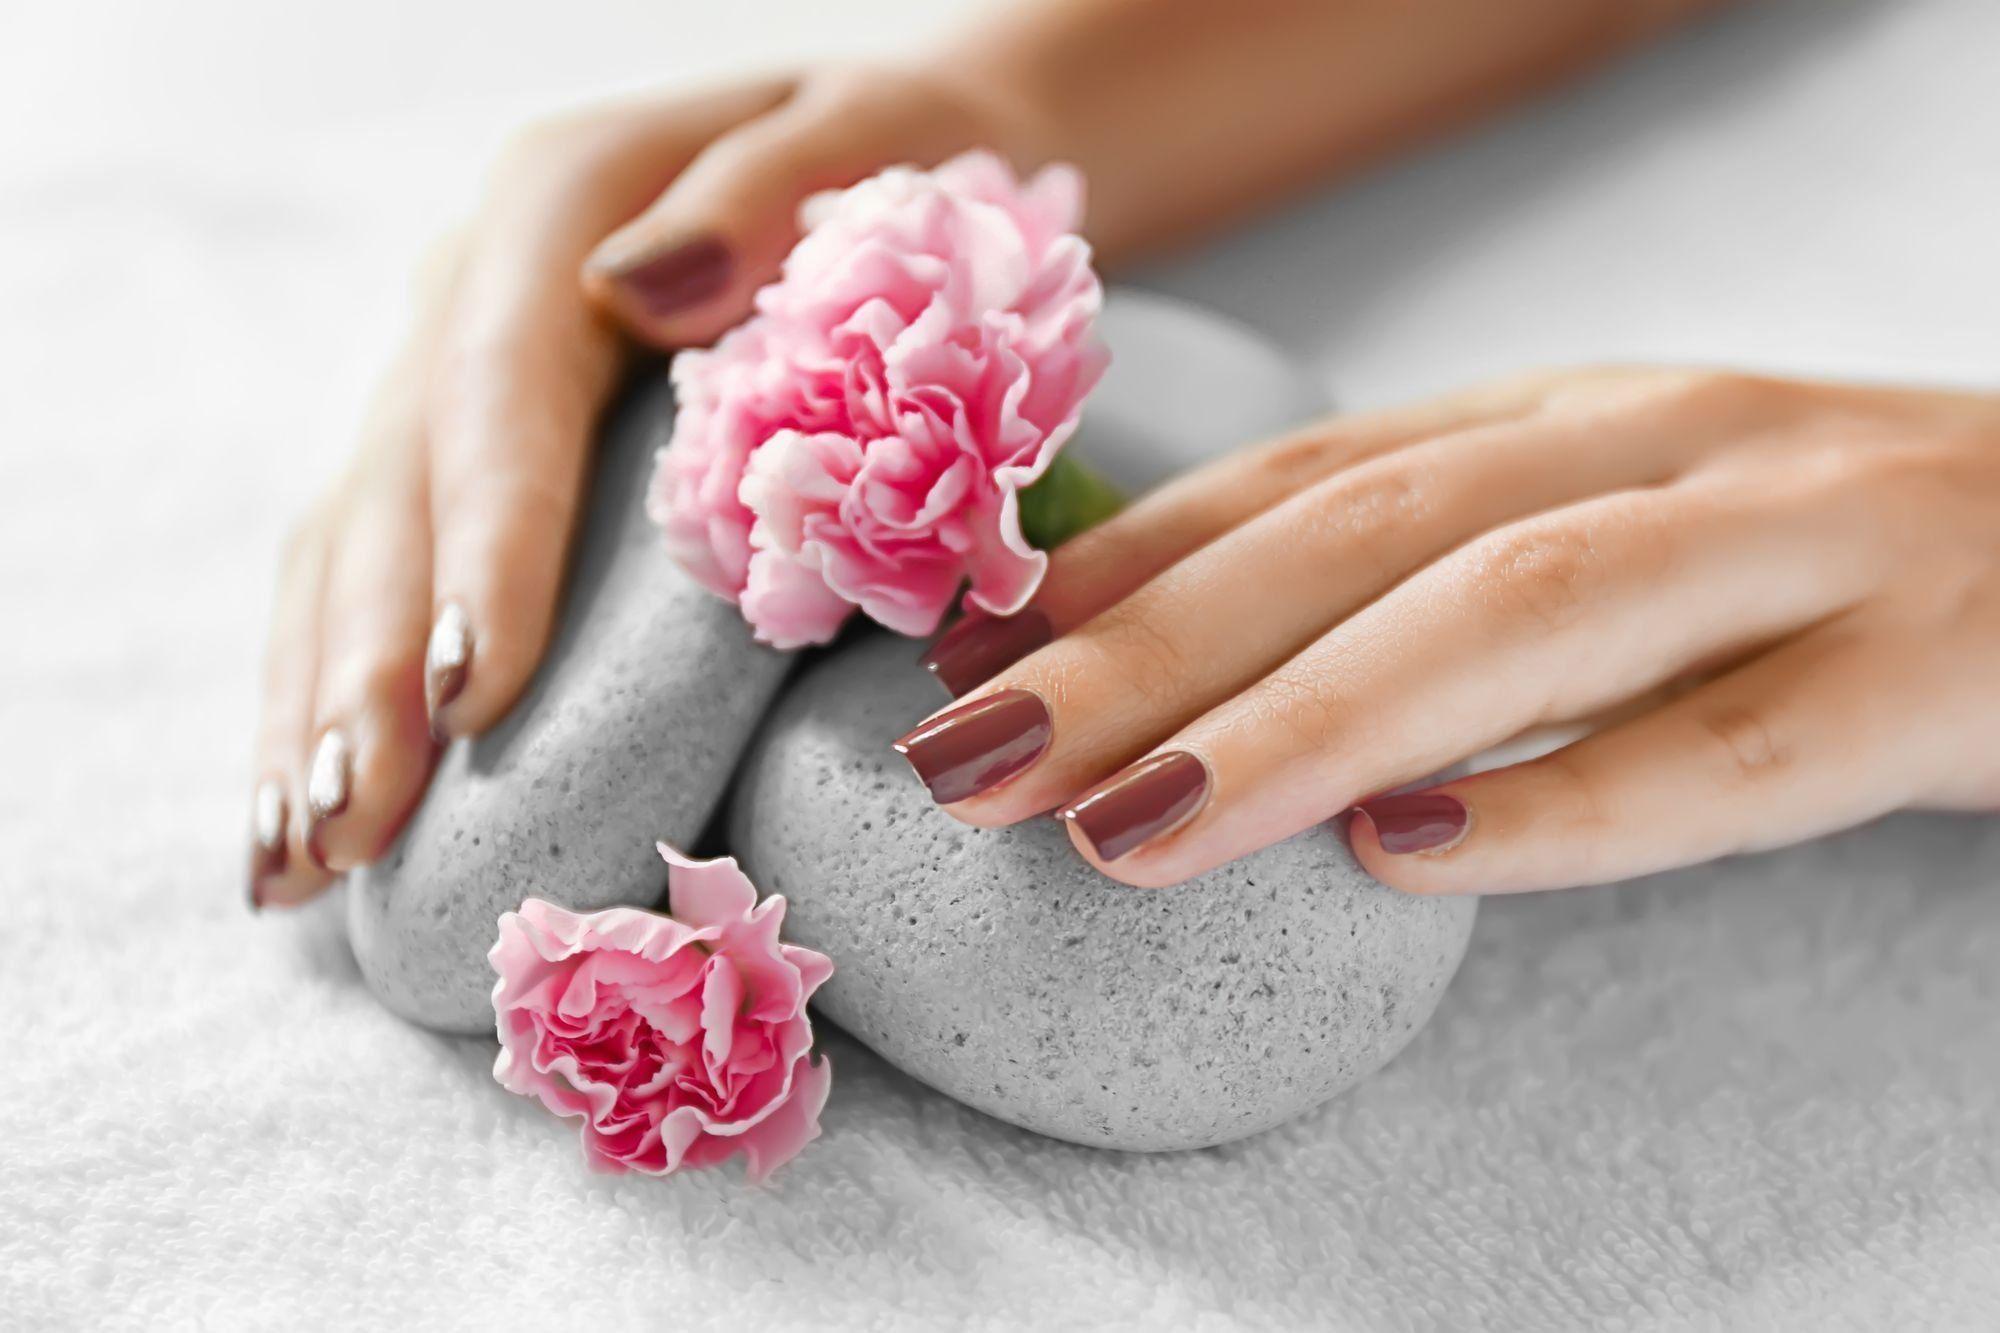 Топ-10 лучших жидких мыл для тела и рук в 2021 году